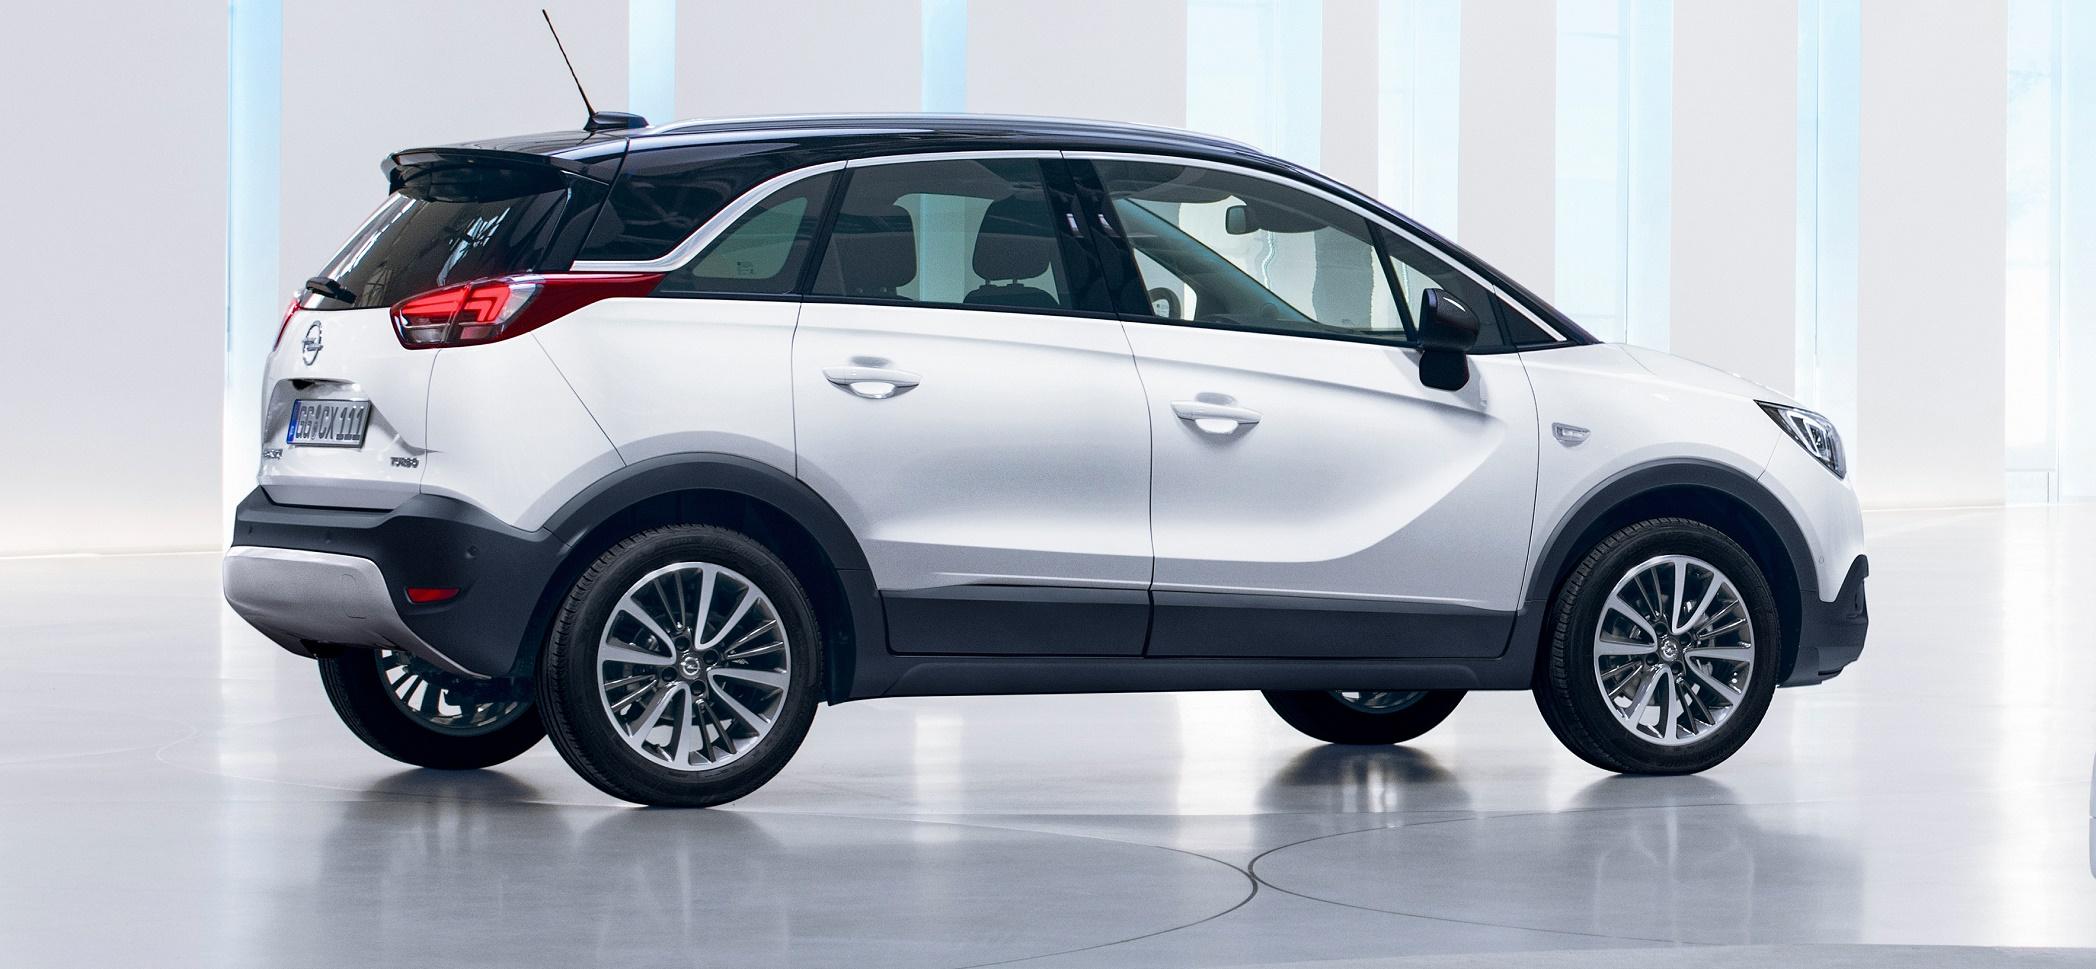 Eleganza urbana e fascino da SUV: è il nuovo Opel Crossland X